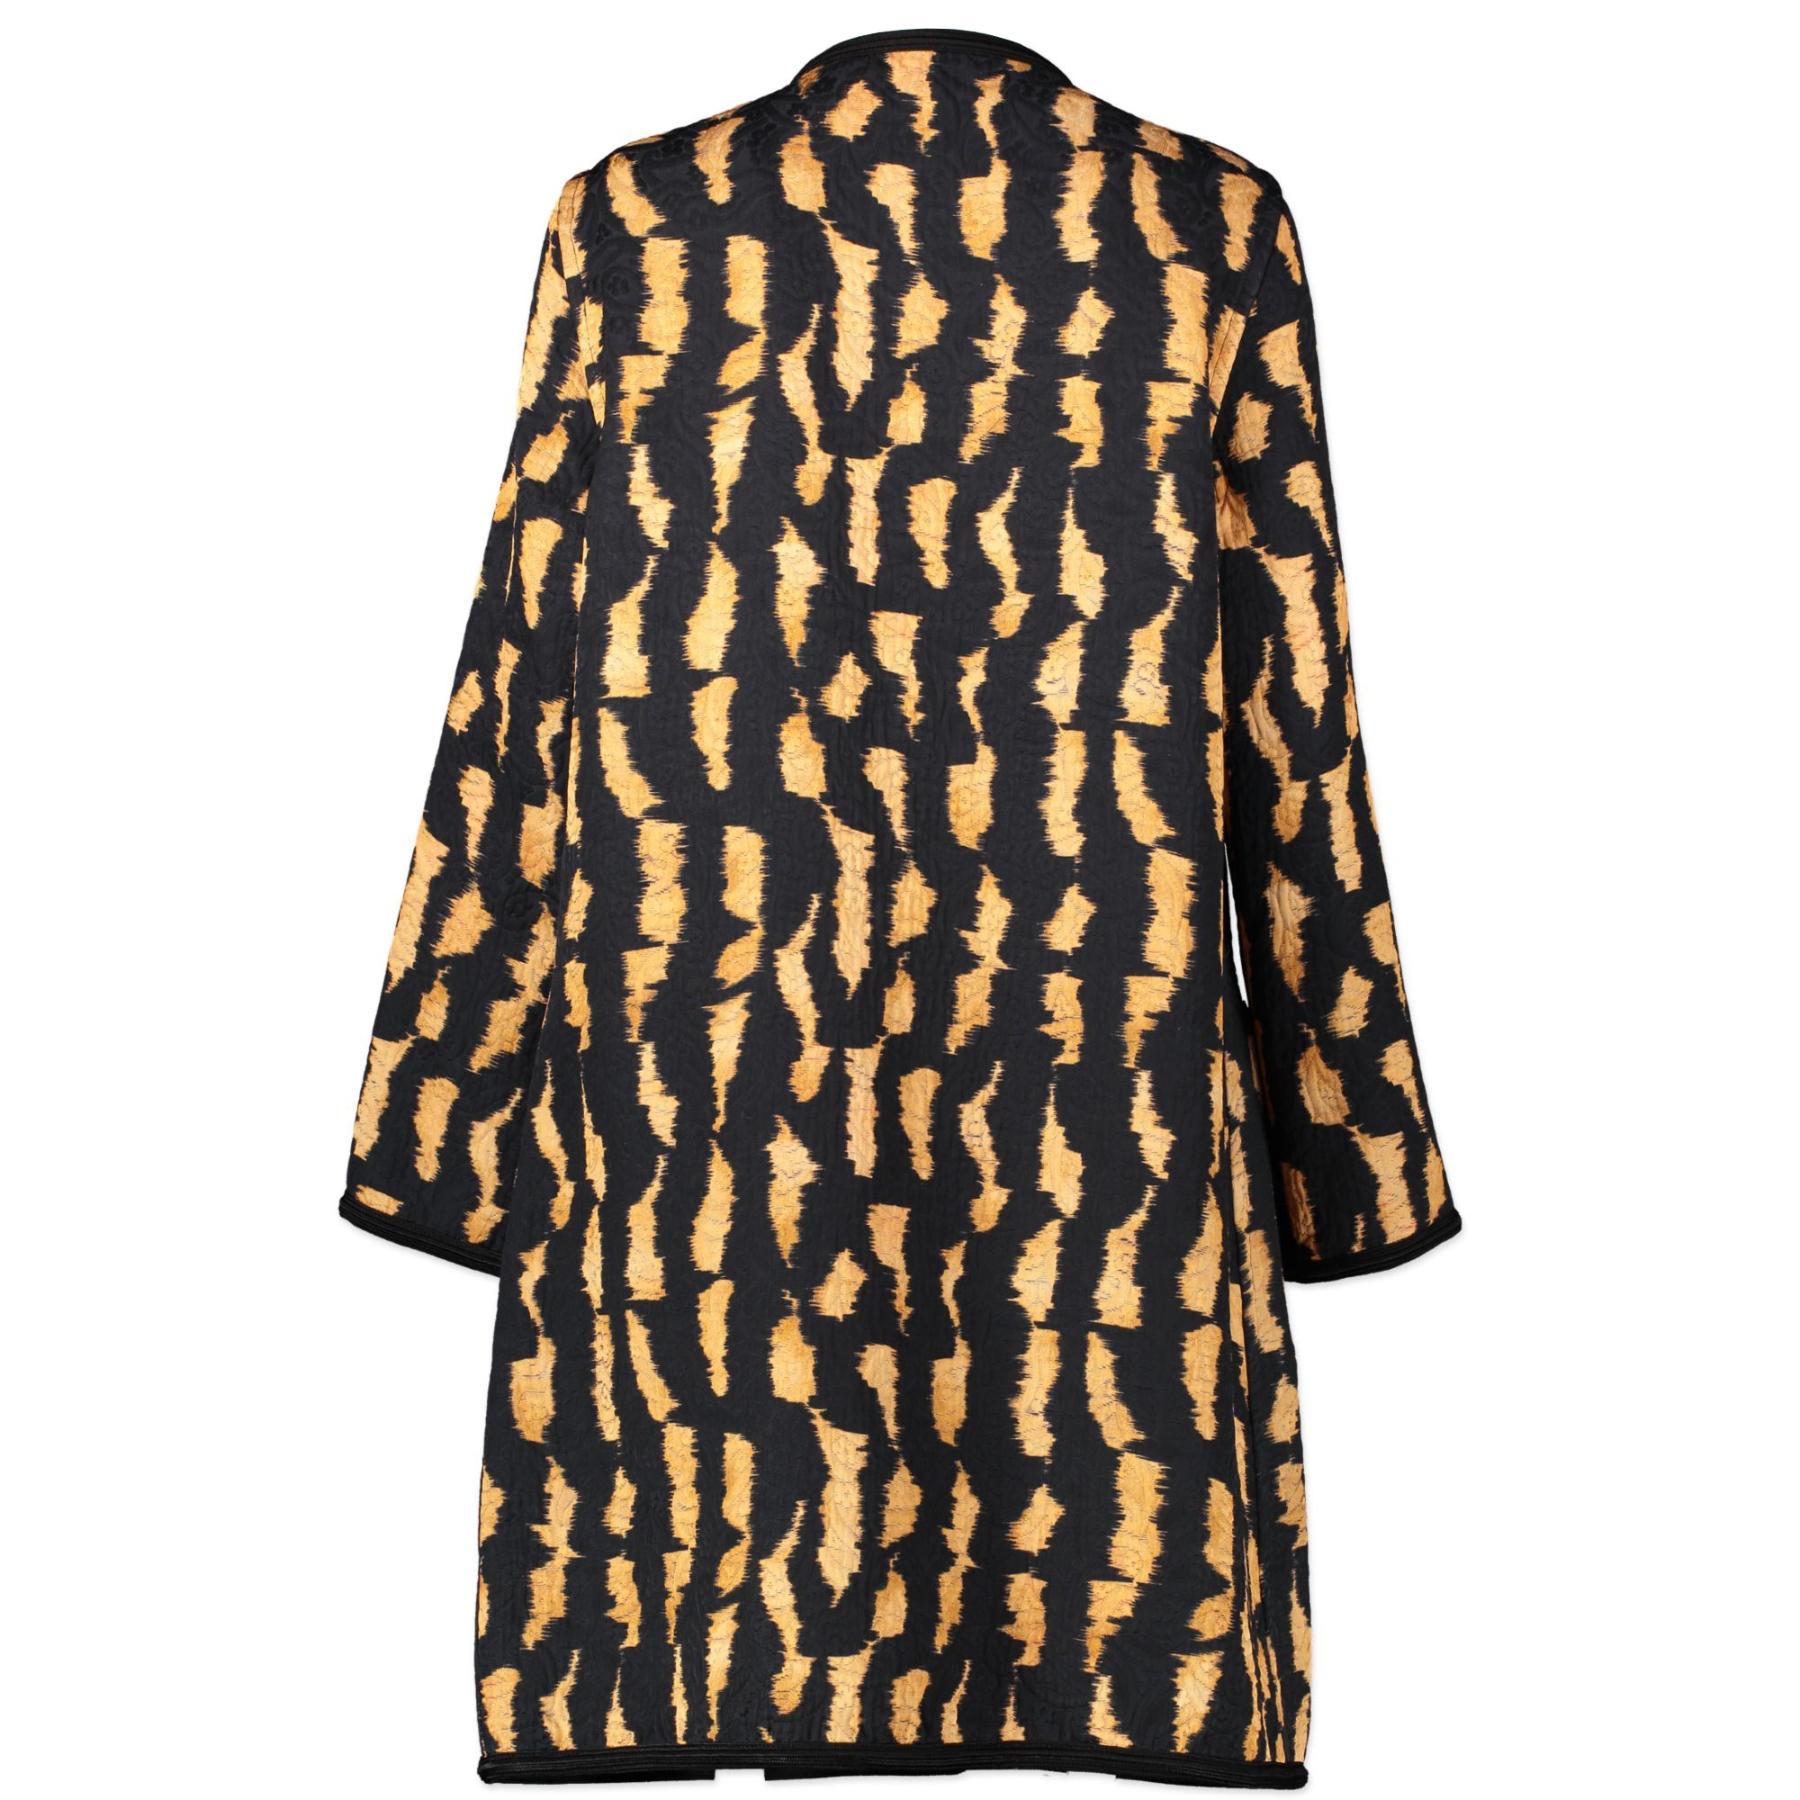 Authentieke Tweedehands Etro Single-Breasted Leopard Coat - Size IT46 juiste prijs veilig online shoppen luxe merken webshop winkelen Antwerpen België mode fashion